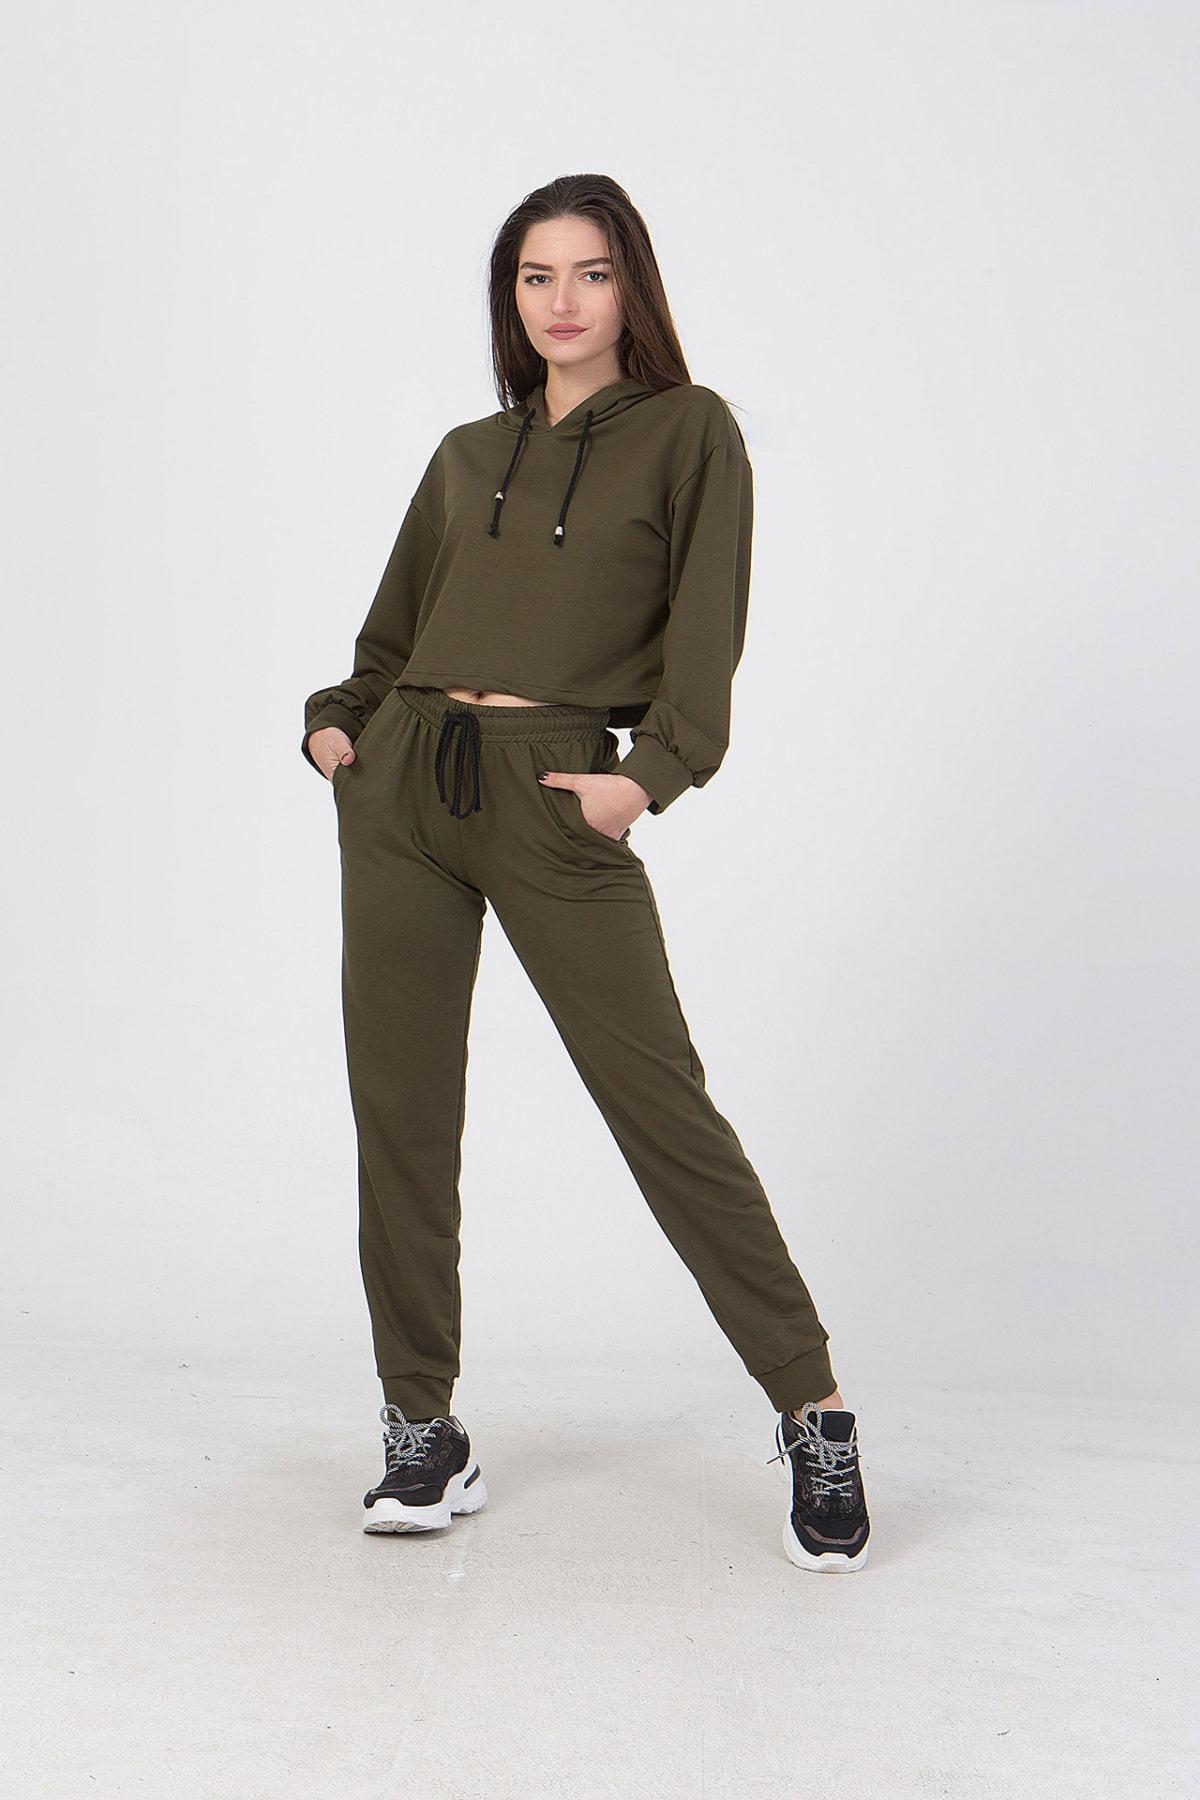 Παντελόνι με λάστιχο στη μέση και στο τελείωμα Coocu